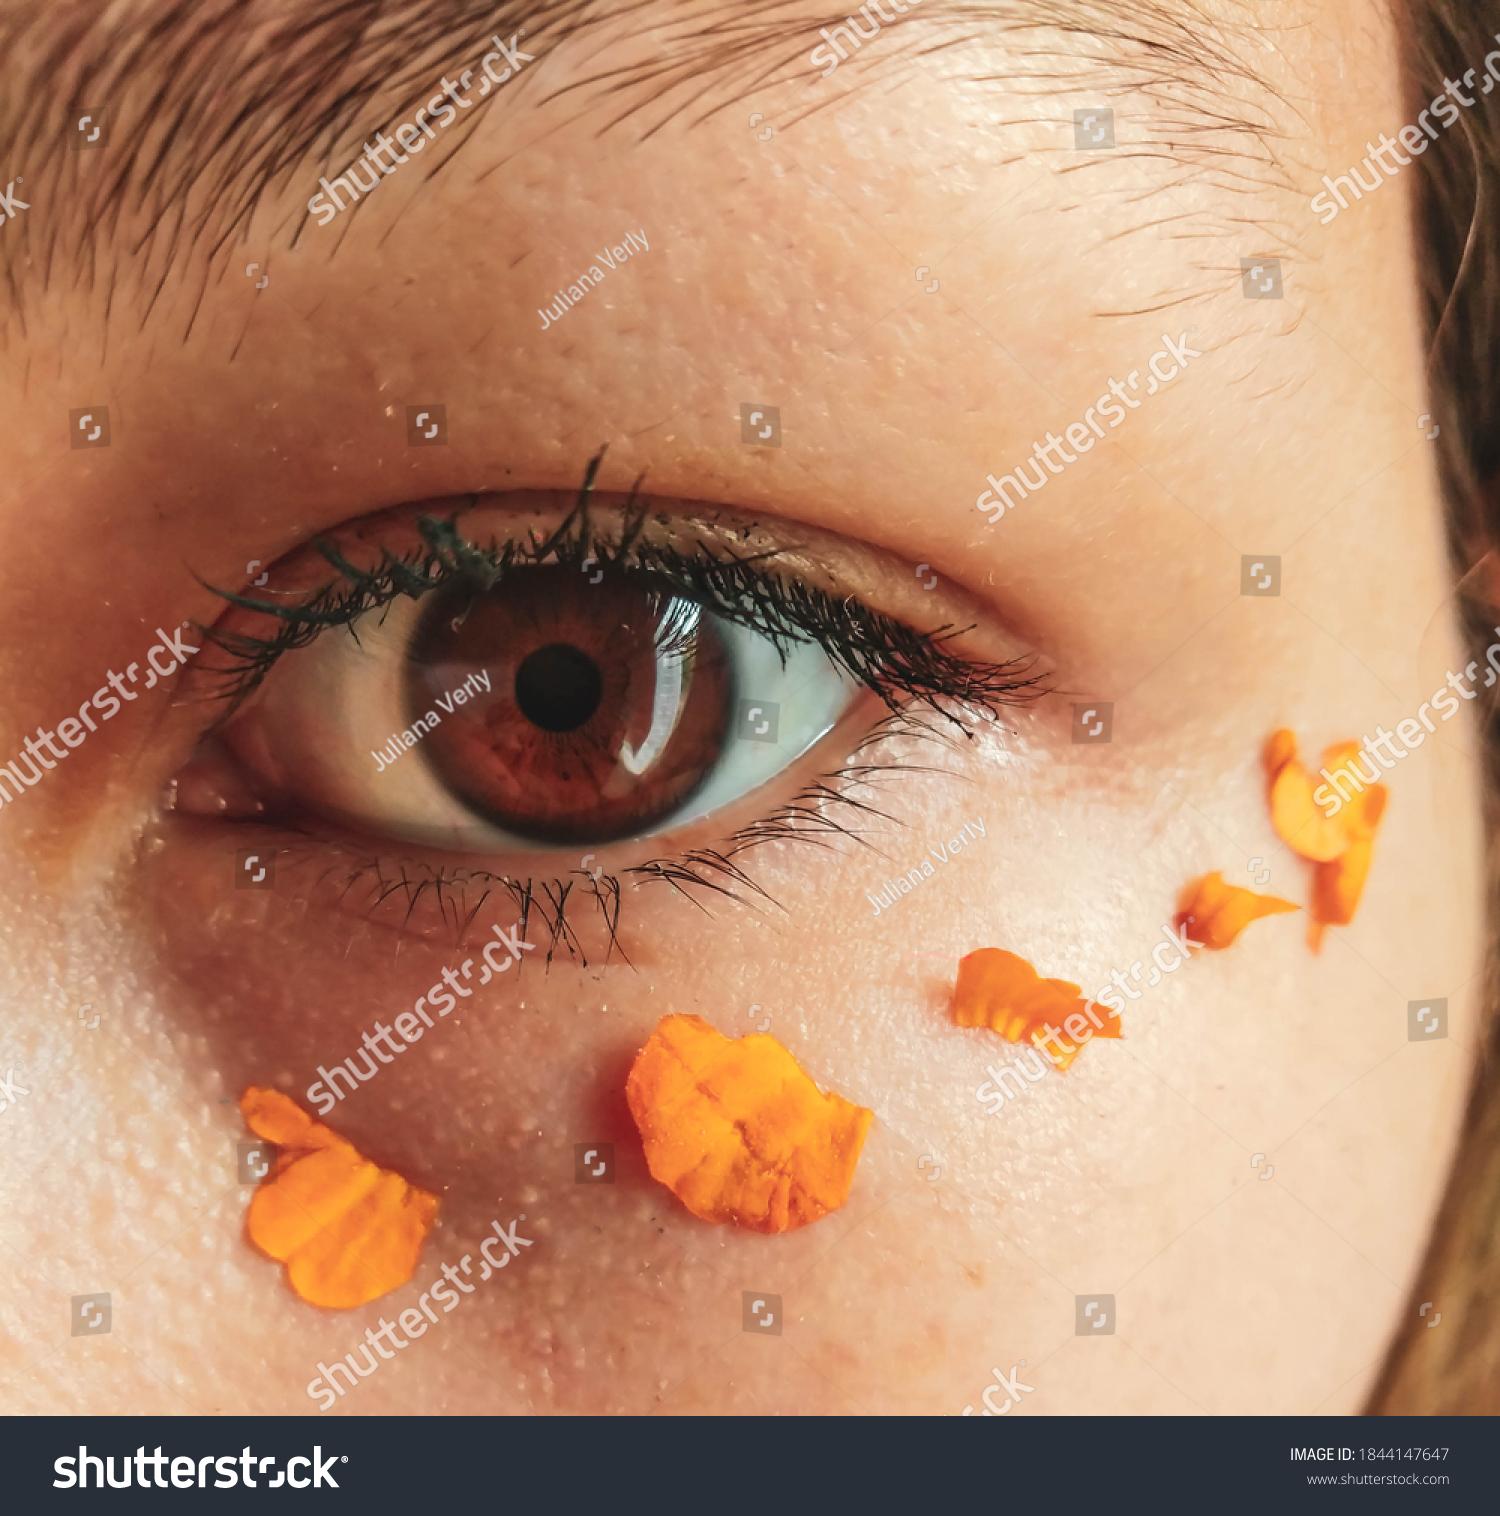 brown look with petals around